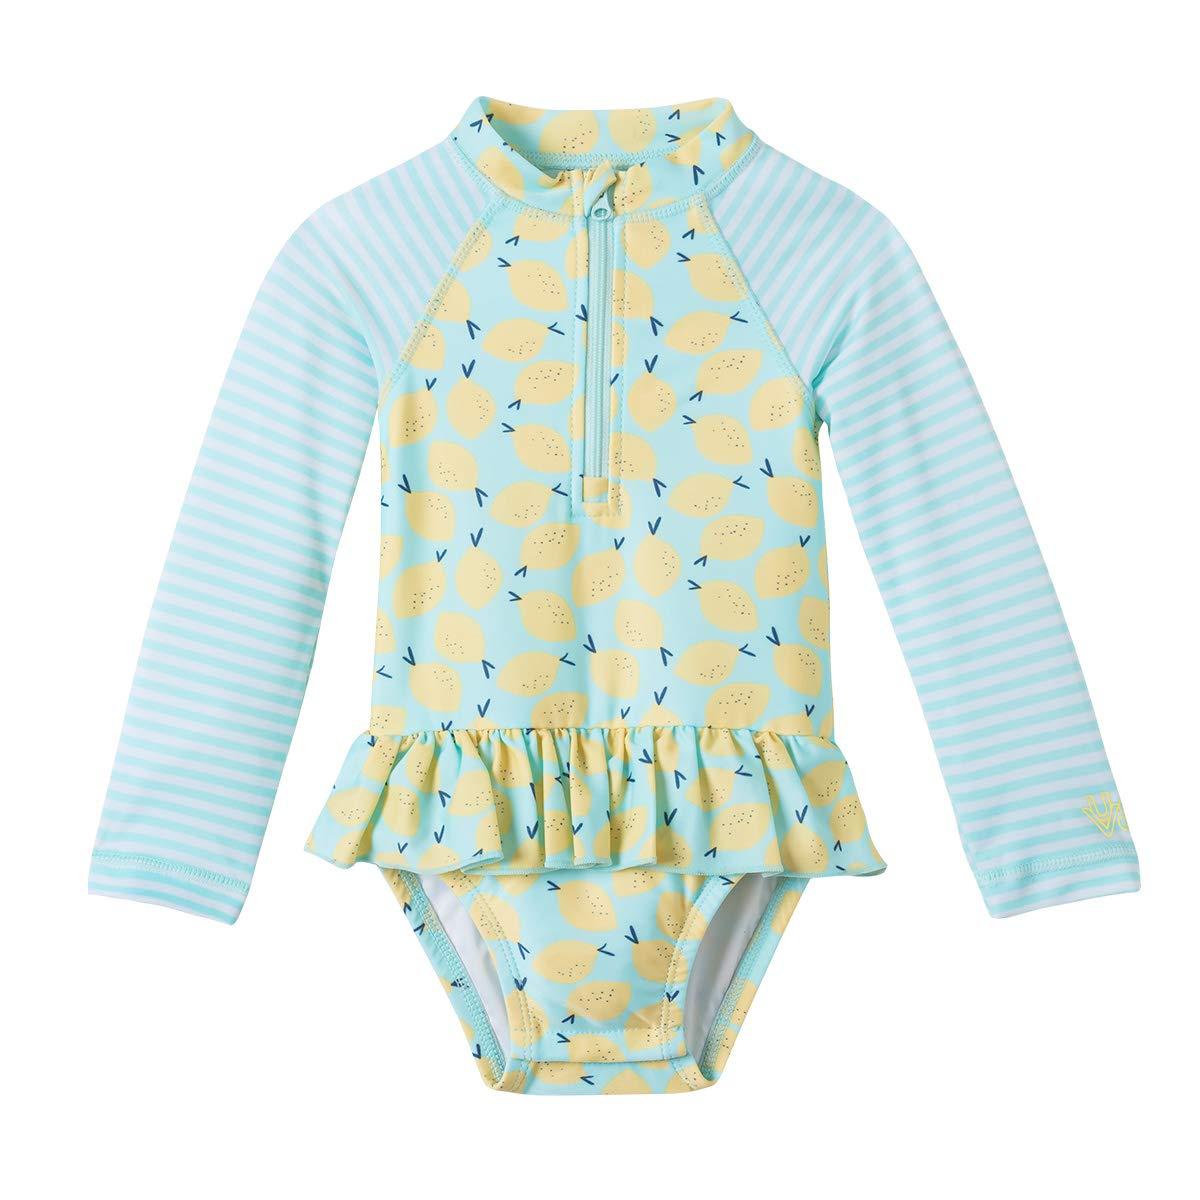 UV SKINZ UPF 50+ Baby Girls LS Ruffled Swim Suit - Beach Glass Lemon - 3/6m by UV SKINZ